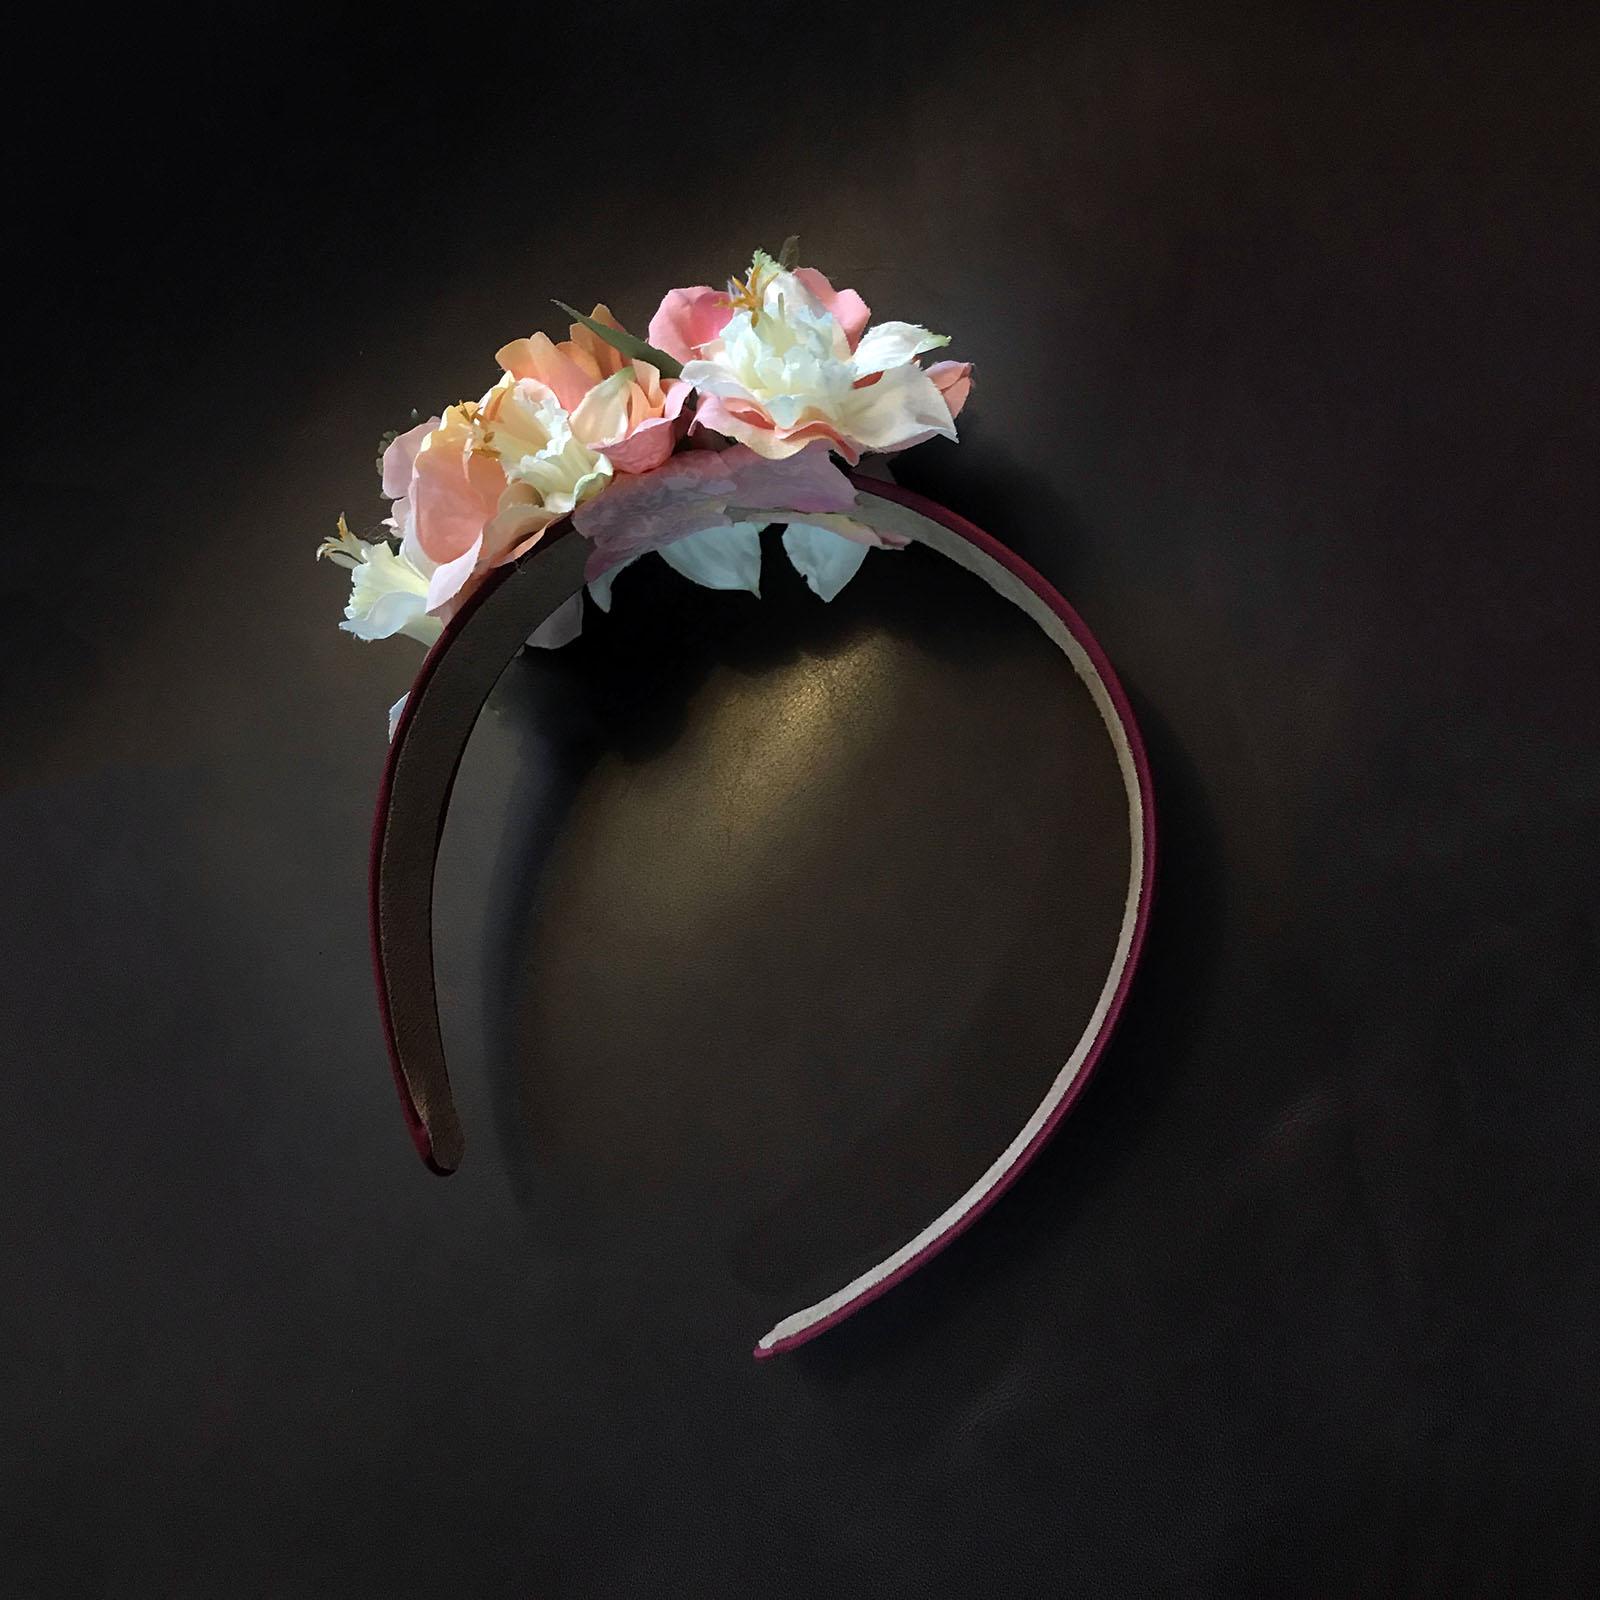 plauku geliu lankelis ranu darbo dovanos moterims merginoms panelems ziedlapiu lankeliai dovana mergvakario lankelis aksesuarai papuosalai moterims 15